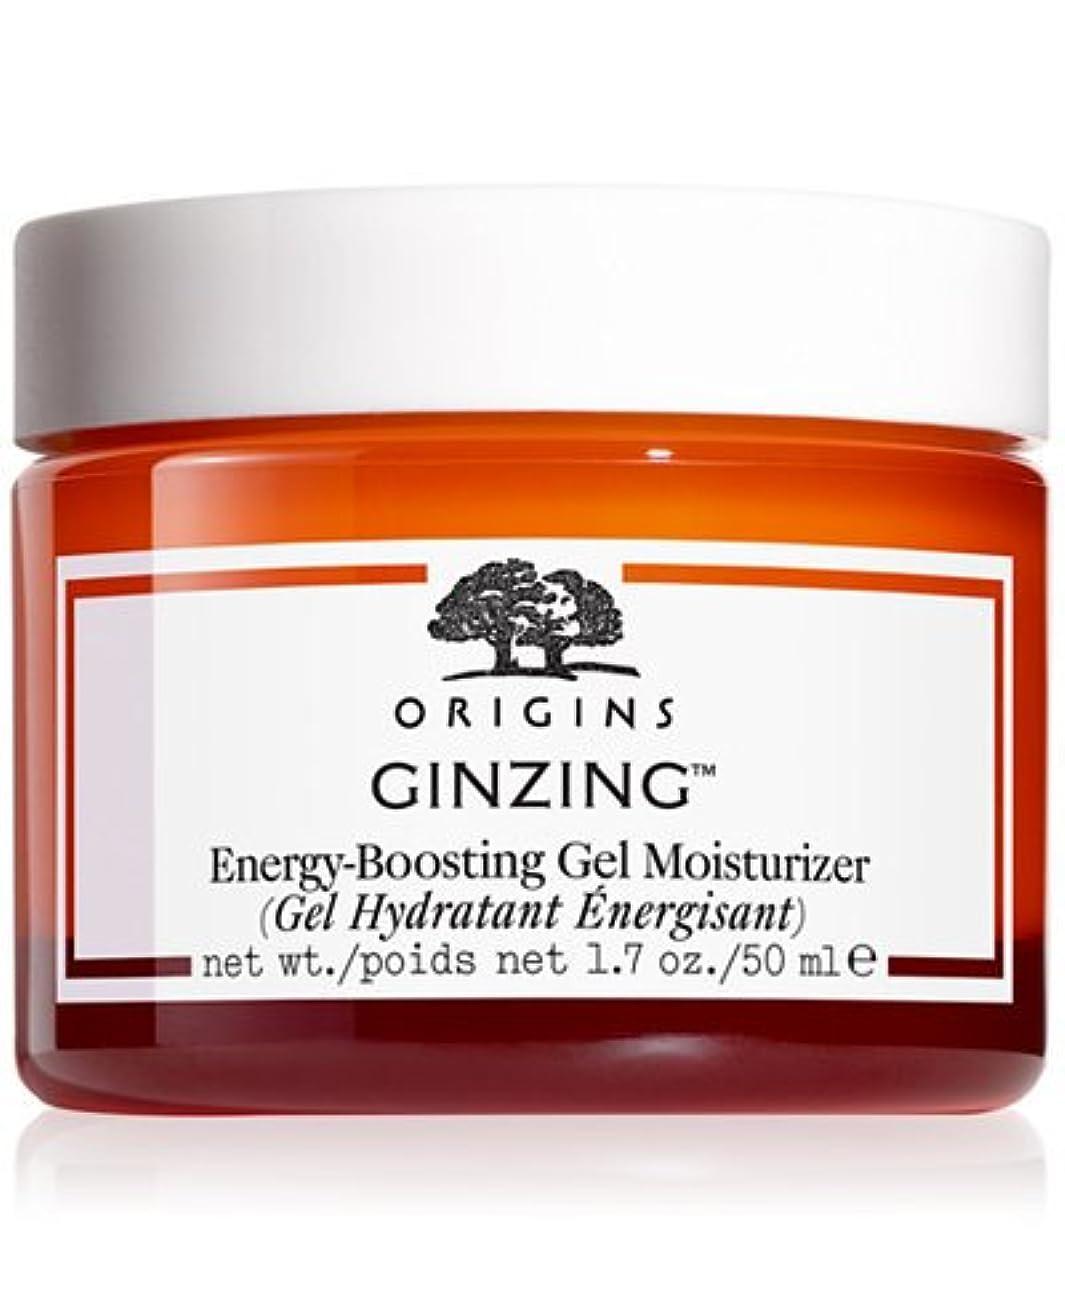 セラフ流用する貧しいOrigins GinZing™ Energy-Boosting Moisturizer (オリジンズ ギンジング エナジー ブースティング モイスチャライザー) 1.7 oz (50ml) for Women